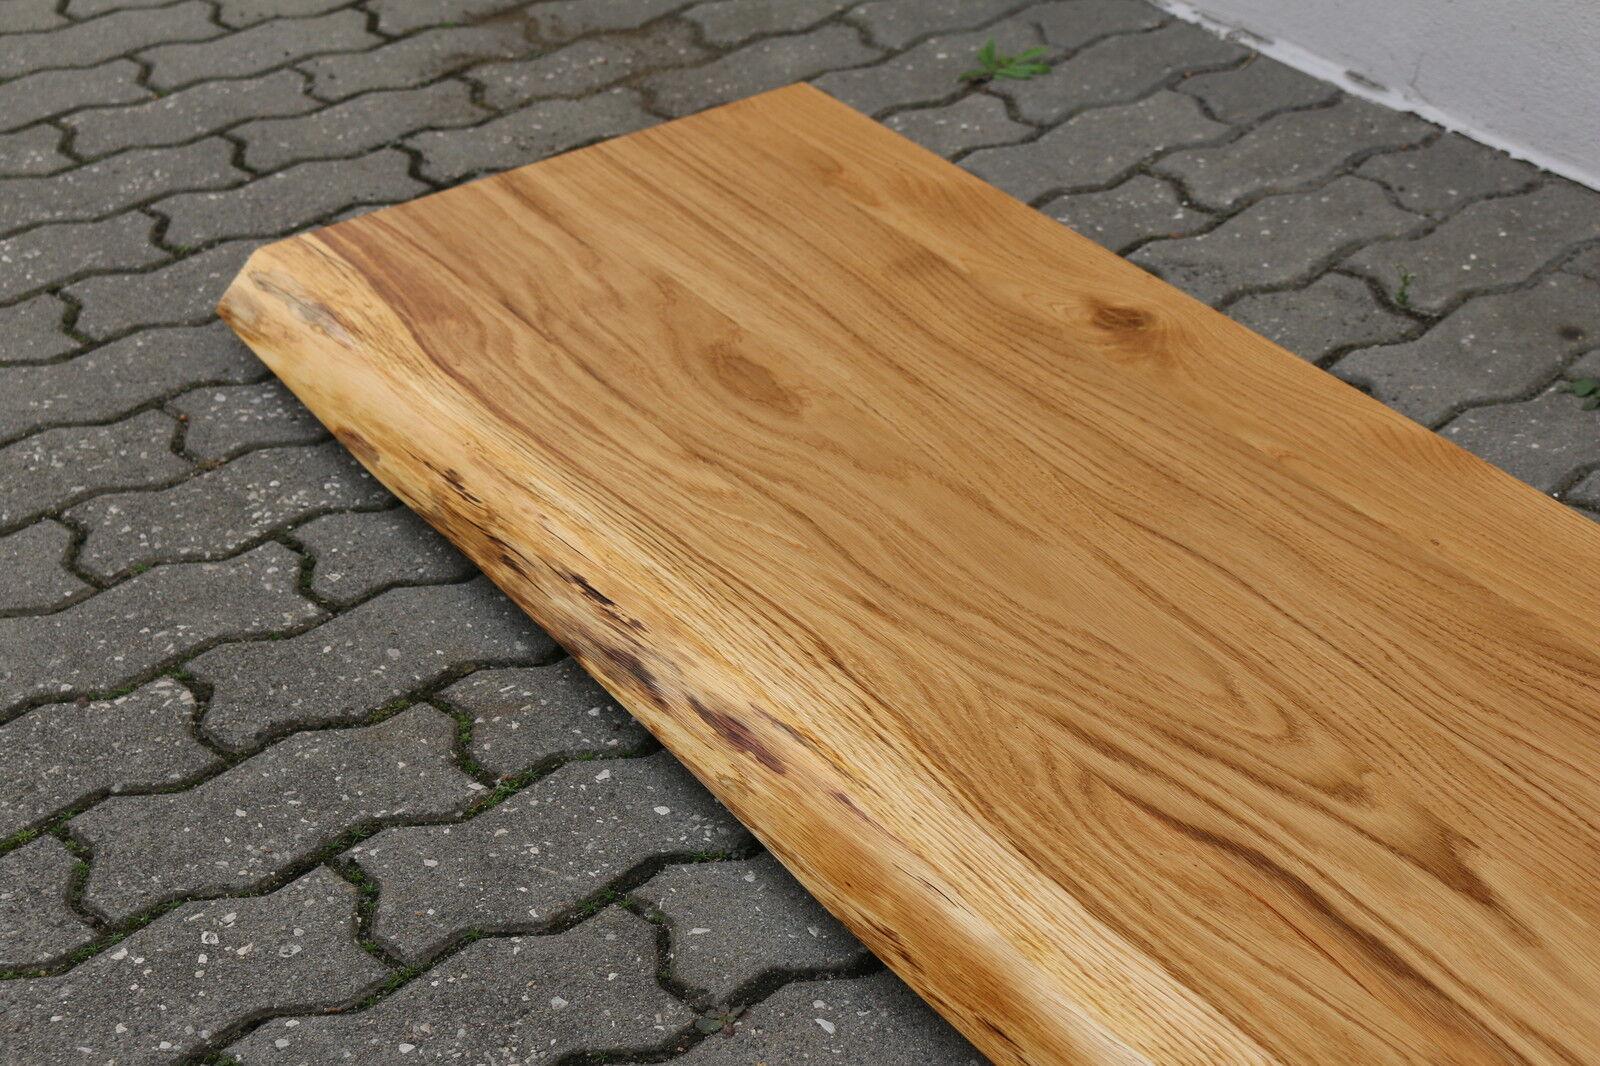 eiche platte massiv eiche massiv platte haus ideen esstisch eiche massiv platte mit baumkante. Black Bedroom Furniture Sets. Home Design Ideas